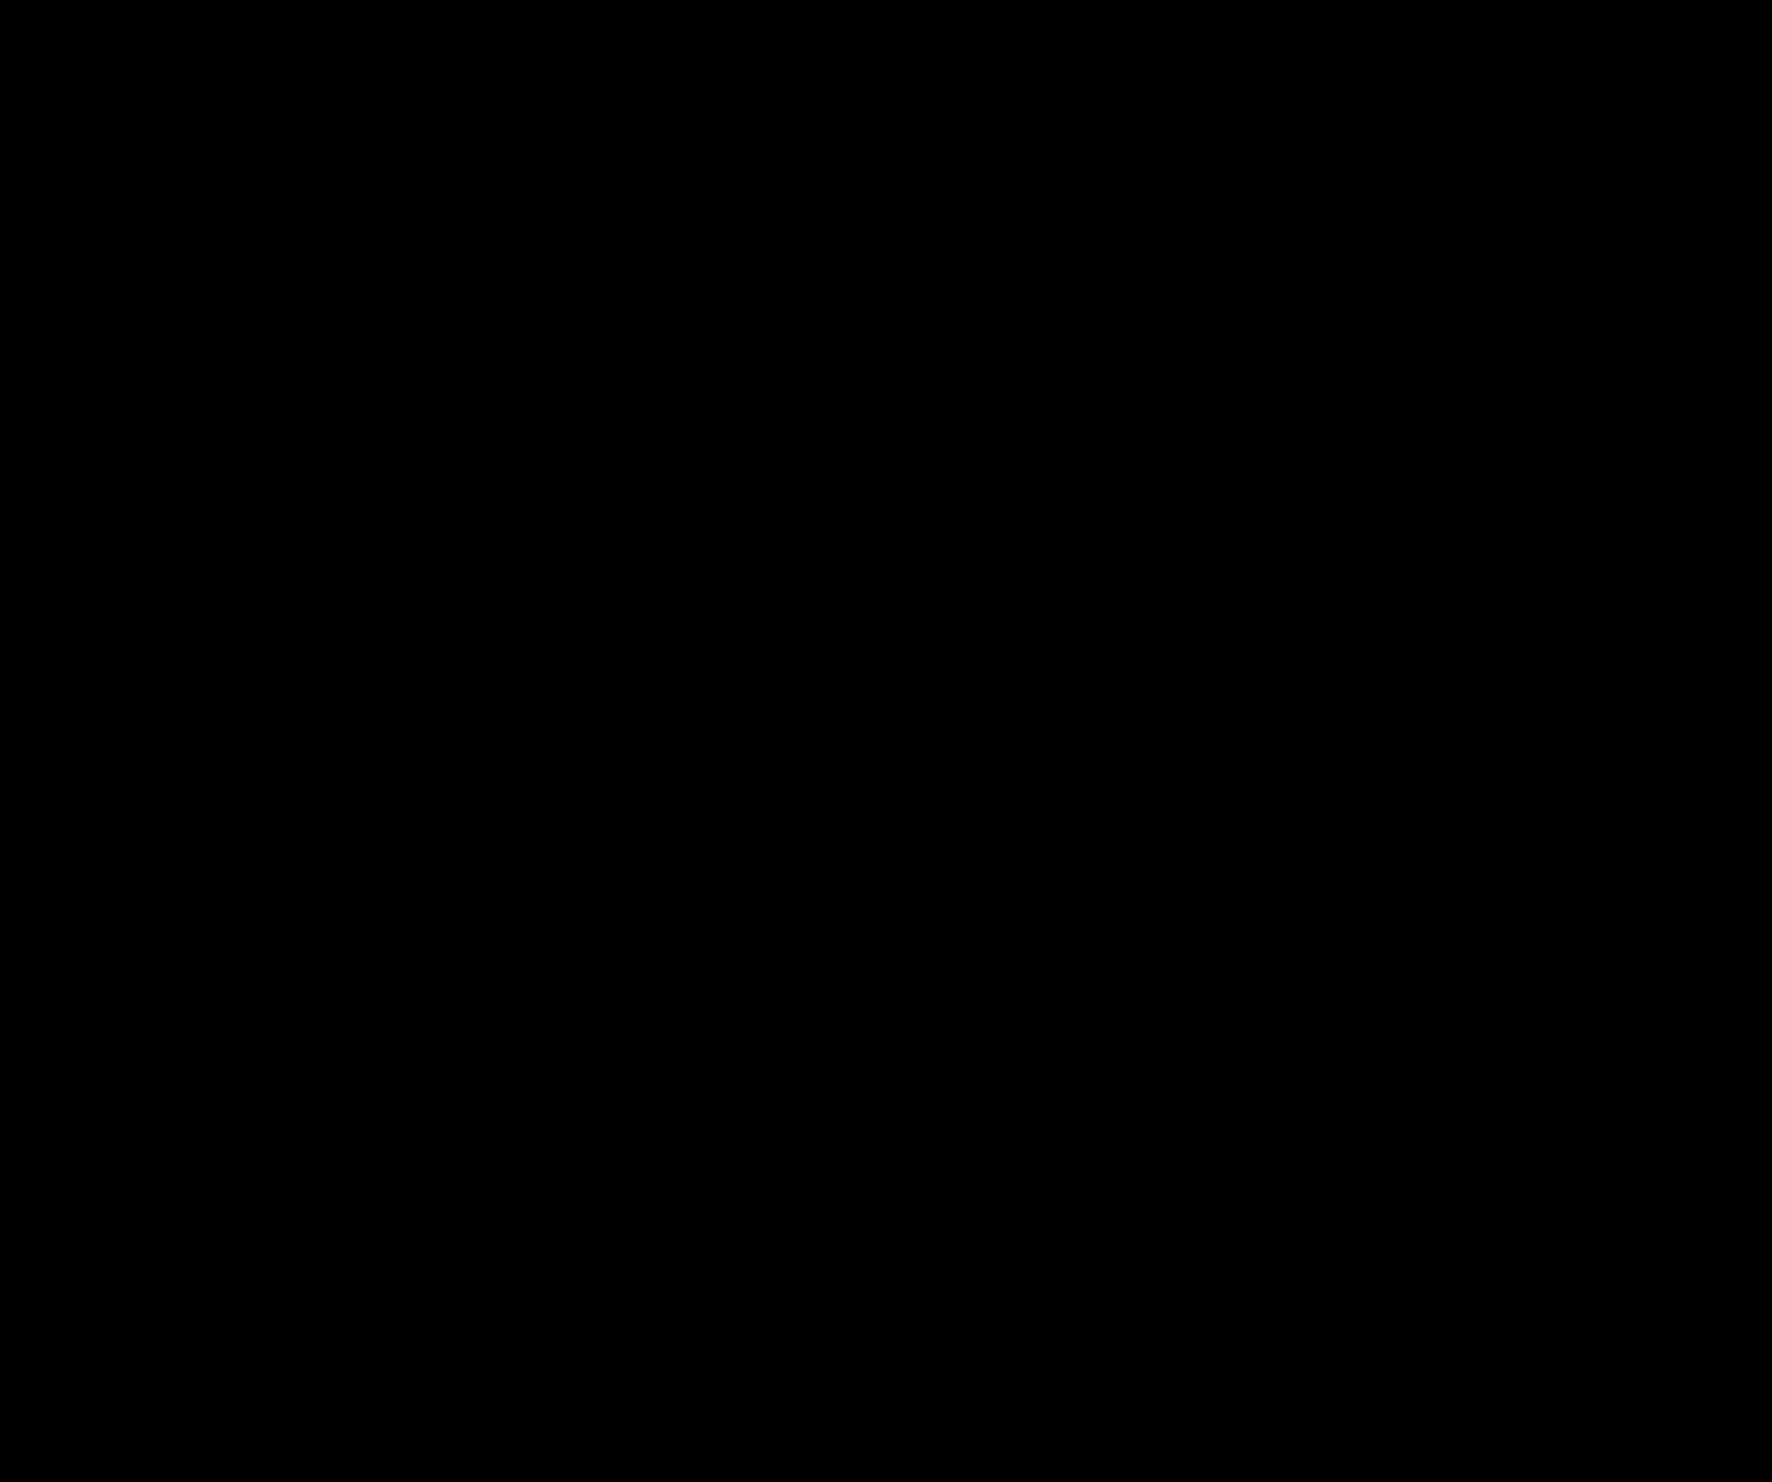 """Schiedel SIRIUS – krbová kamna s nejvyšším stupněm označení """"clearSkies 5"""" Naše produkty patří k těm nejkvalitnějším"""